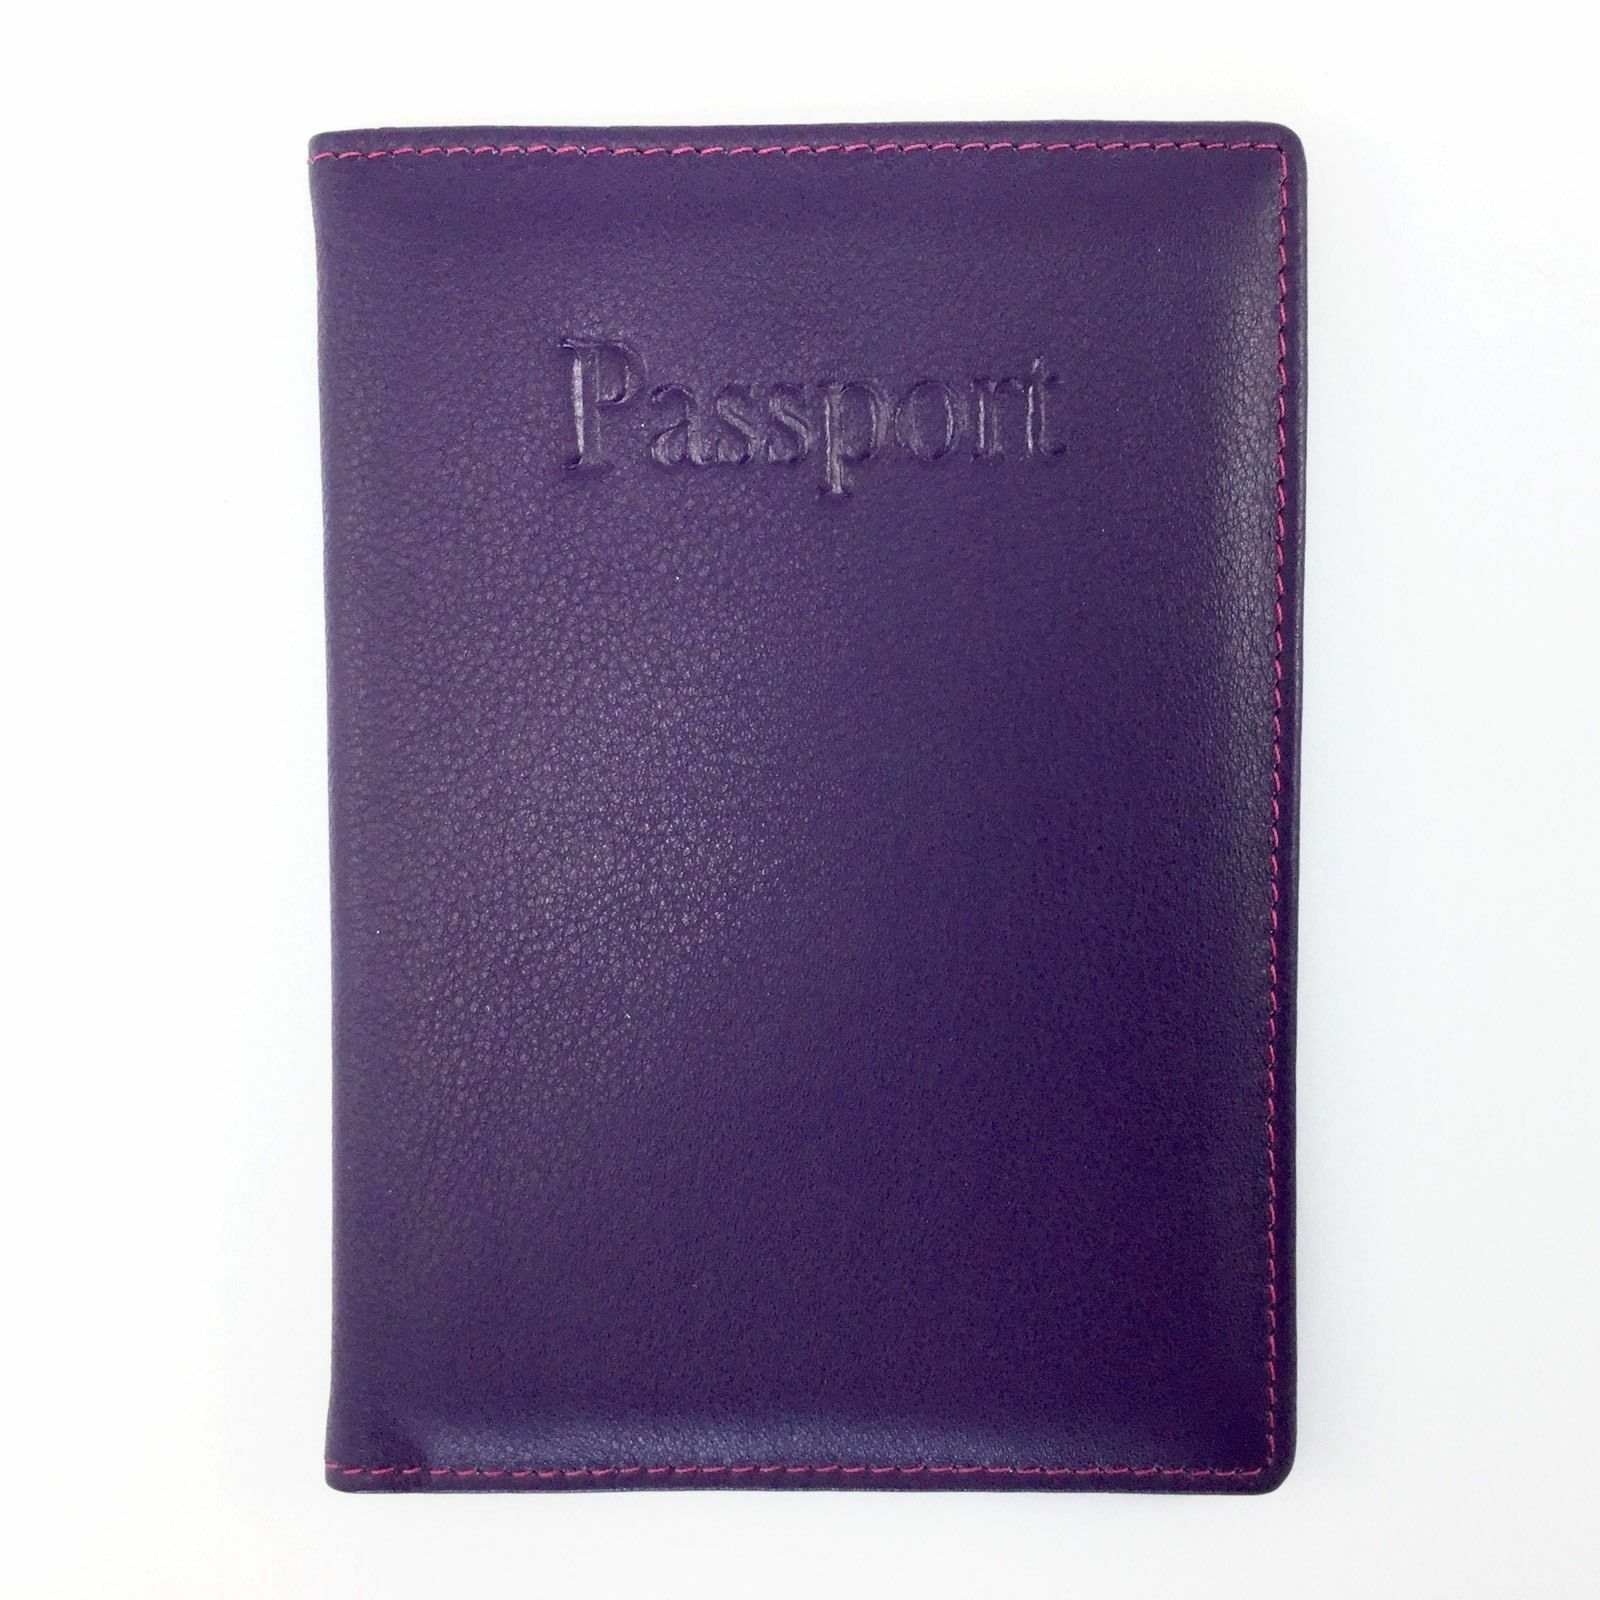 Qualité soft violet violet violet mala cuir voyage passeport et porte-carte portefeuille 556 p 8d79bf